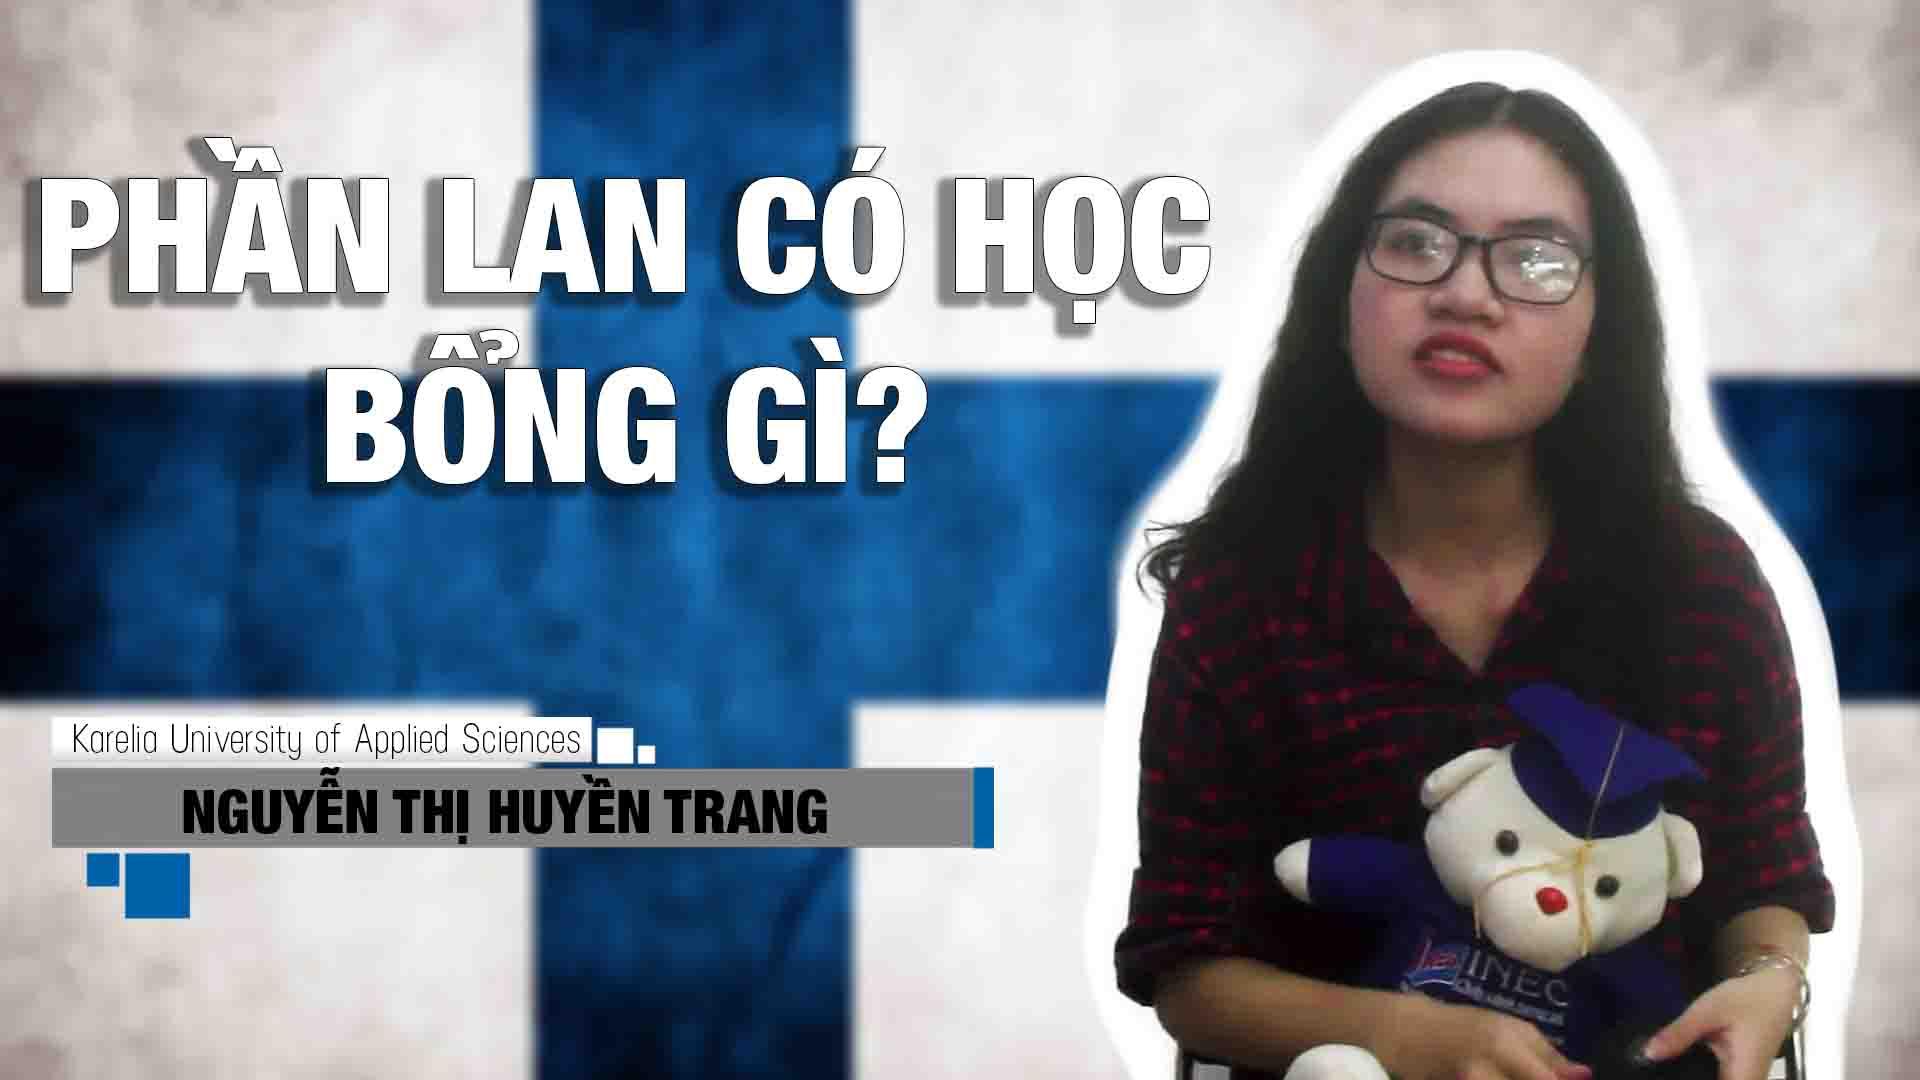 Phần Lan thu phí thì đã sao nhỉ? Nghe bạn Nguyễn Thị Huyền Trang hiện đang học tại đại học Khoa học Ứng dụng Karelia chia sẻ vì sao bạn ấy vẫn chọn Phần Lan kể cả khi đã thu phí nhé.